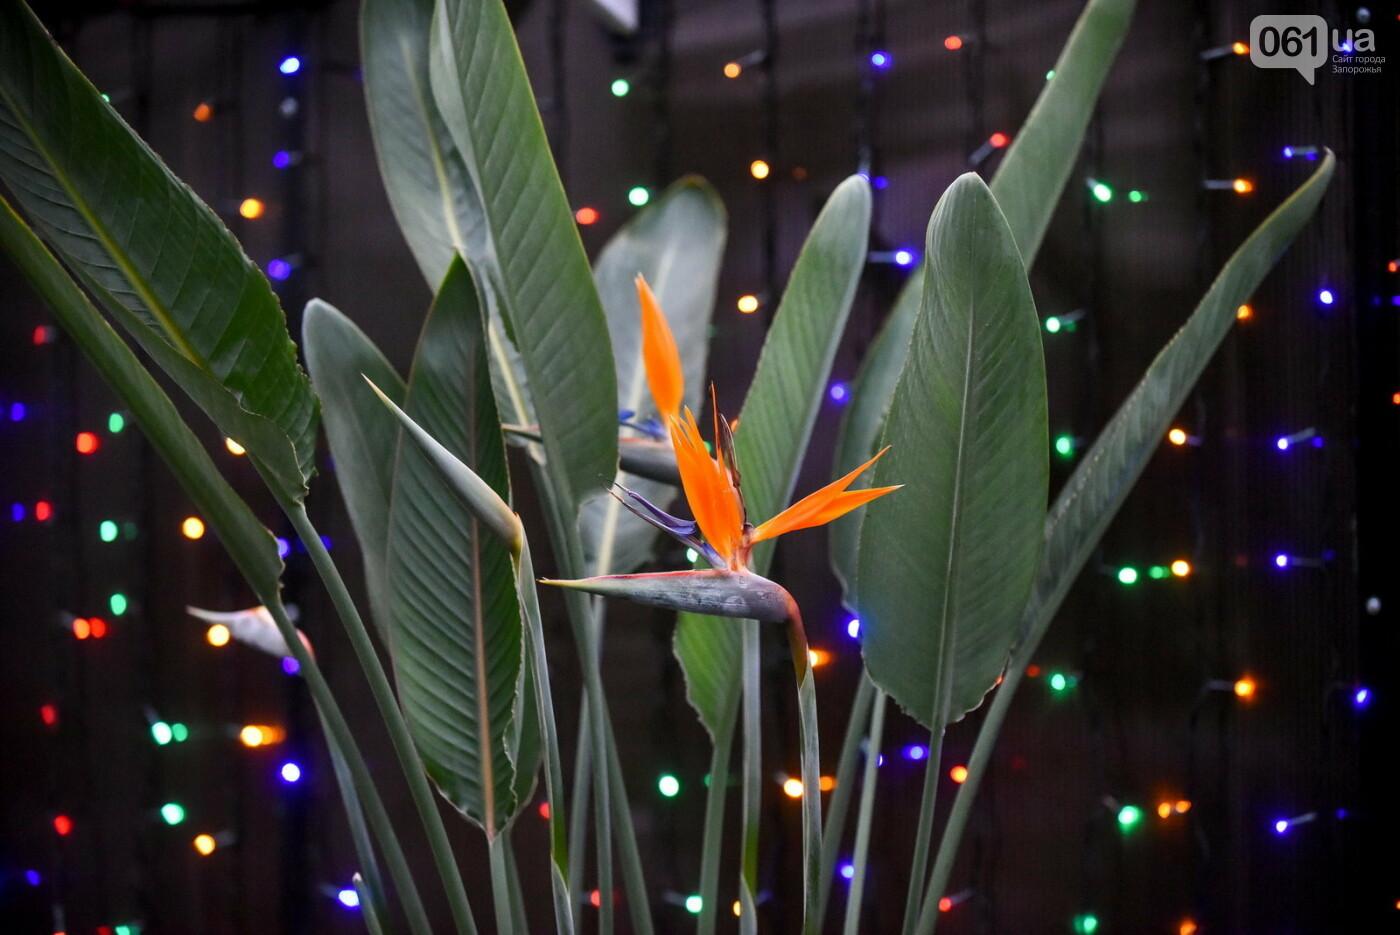 """Бананы, кинкан, огромные лимоны и """"райская птица"""" - запорожский ботанический сад в фотографиях, фото-3"""